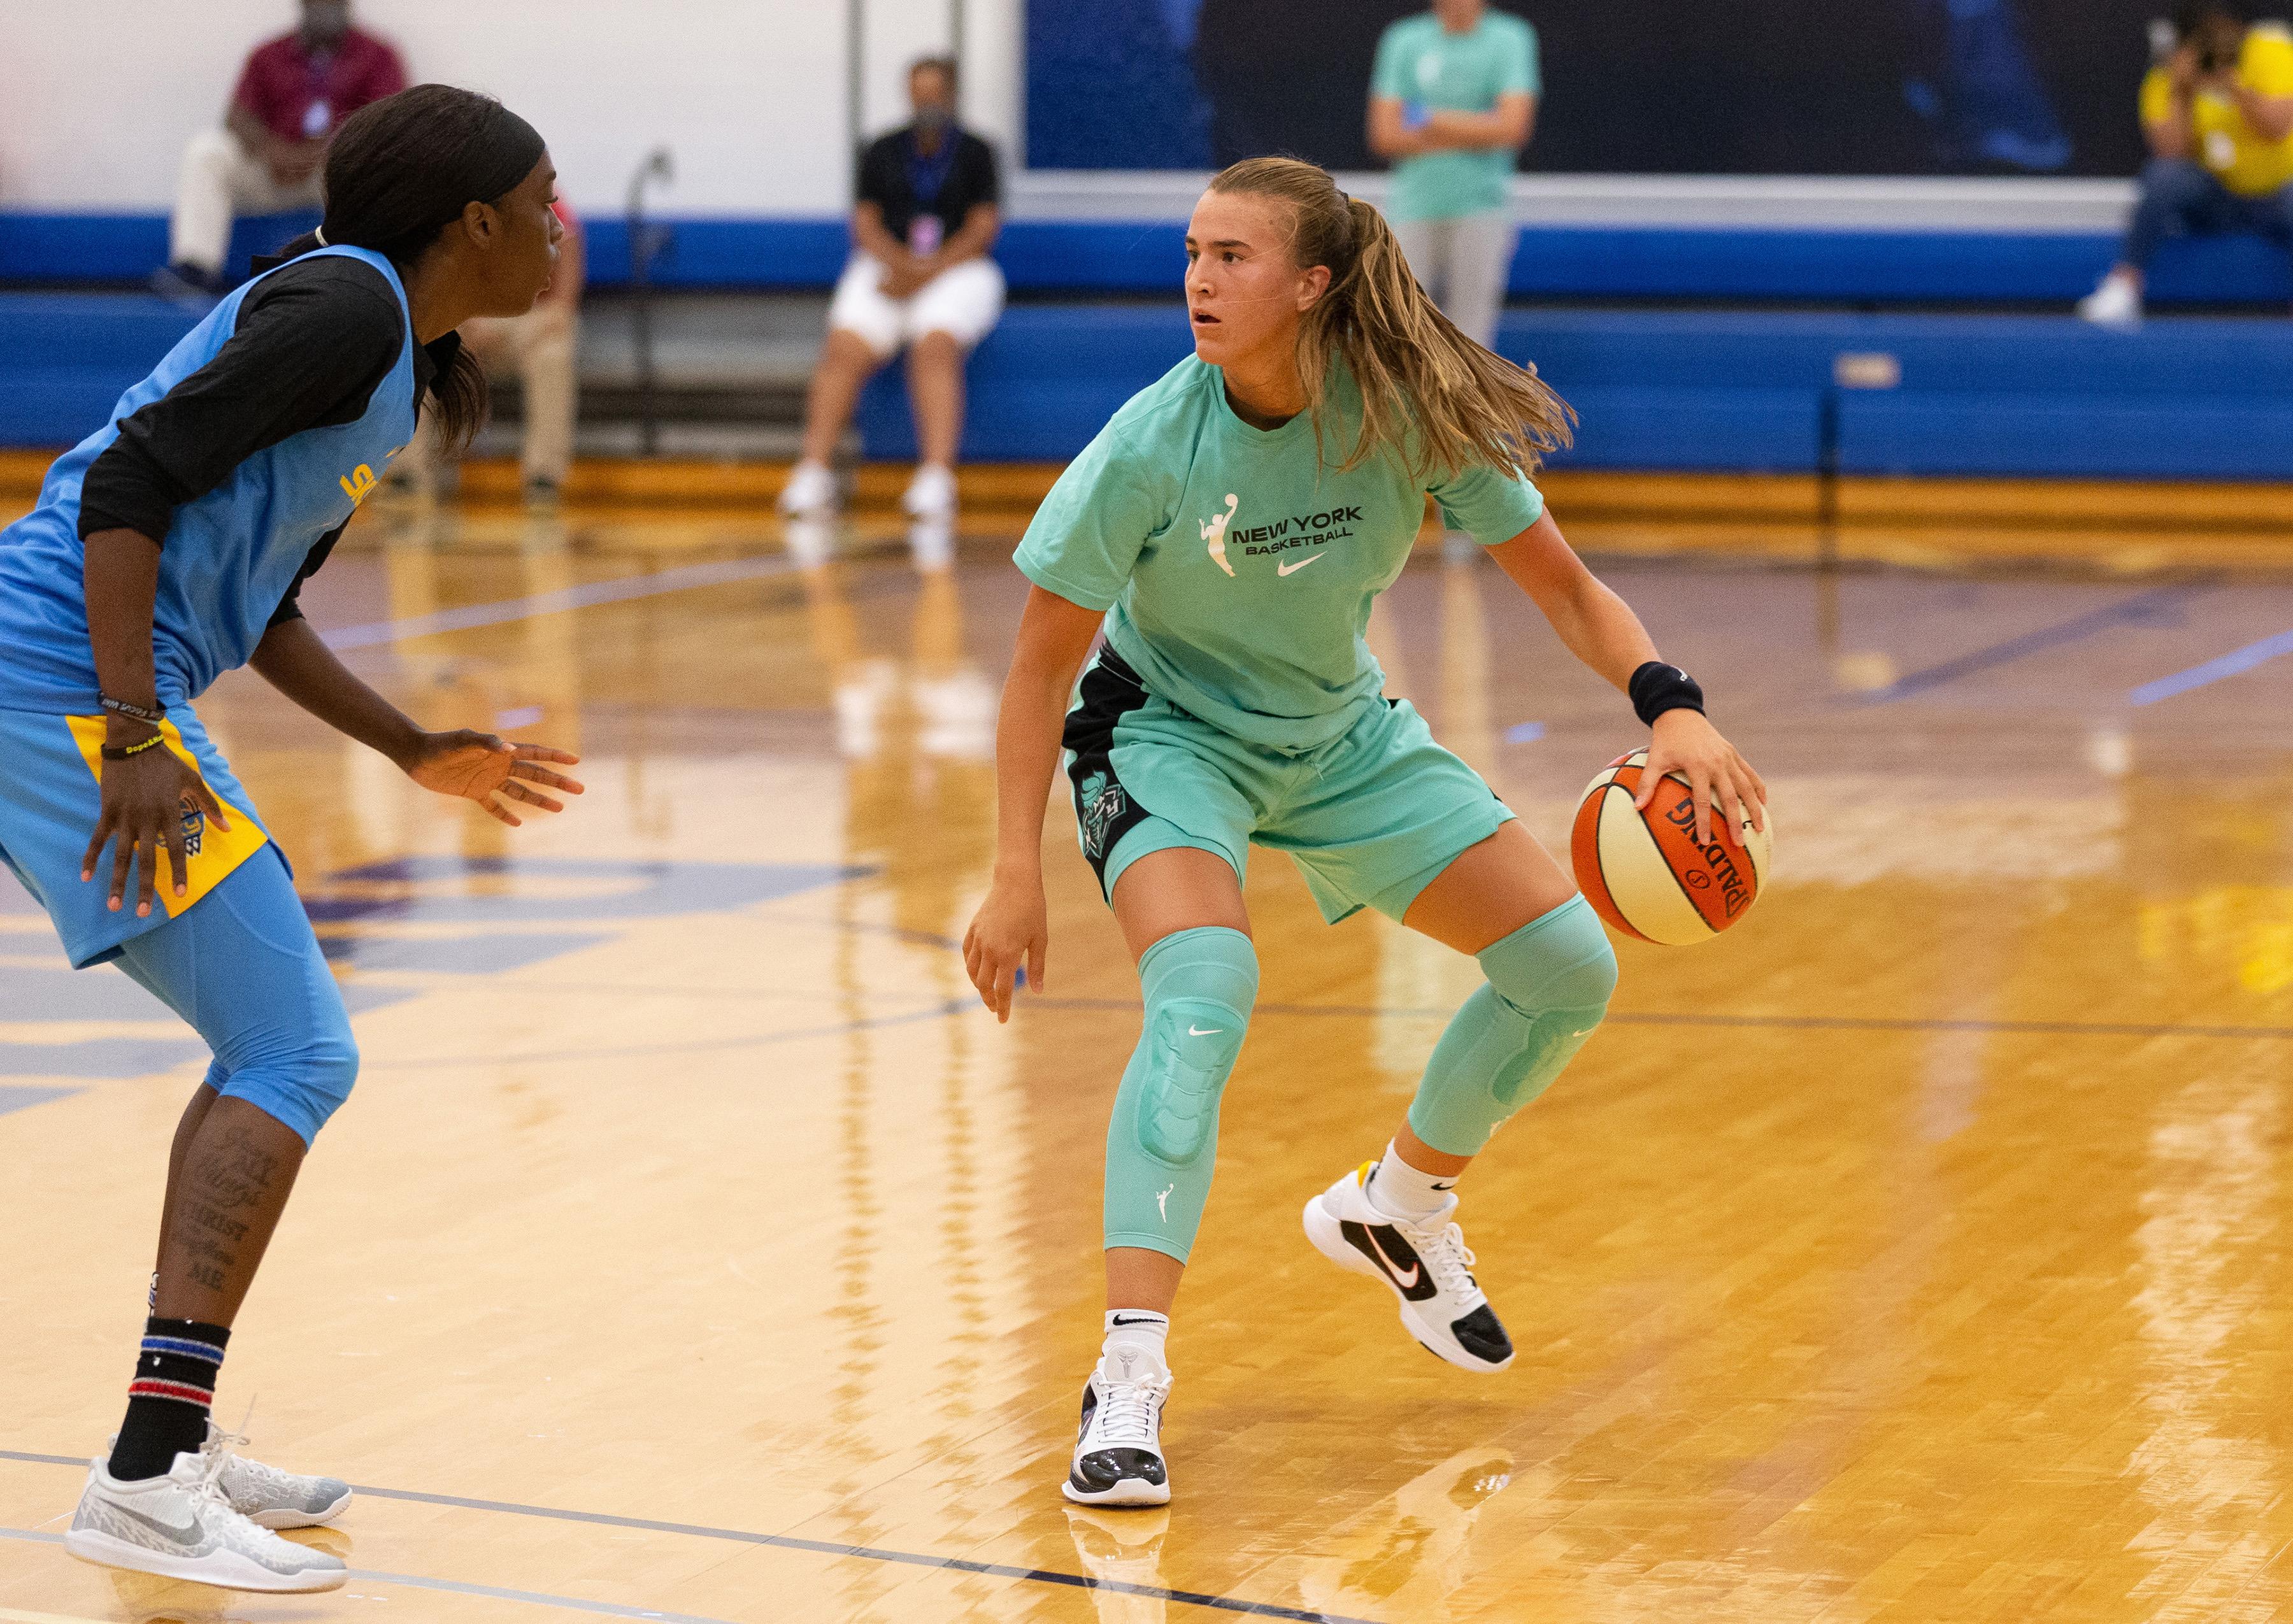 2020年7月22日,在佛罗里达州布雷登顿的IMG学院,纽约自由队的Sabrina Ionescu在与芝加哥天空队的争夺中运球。